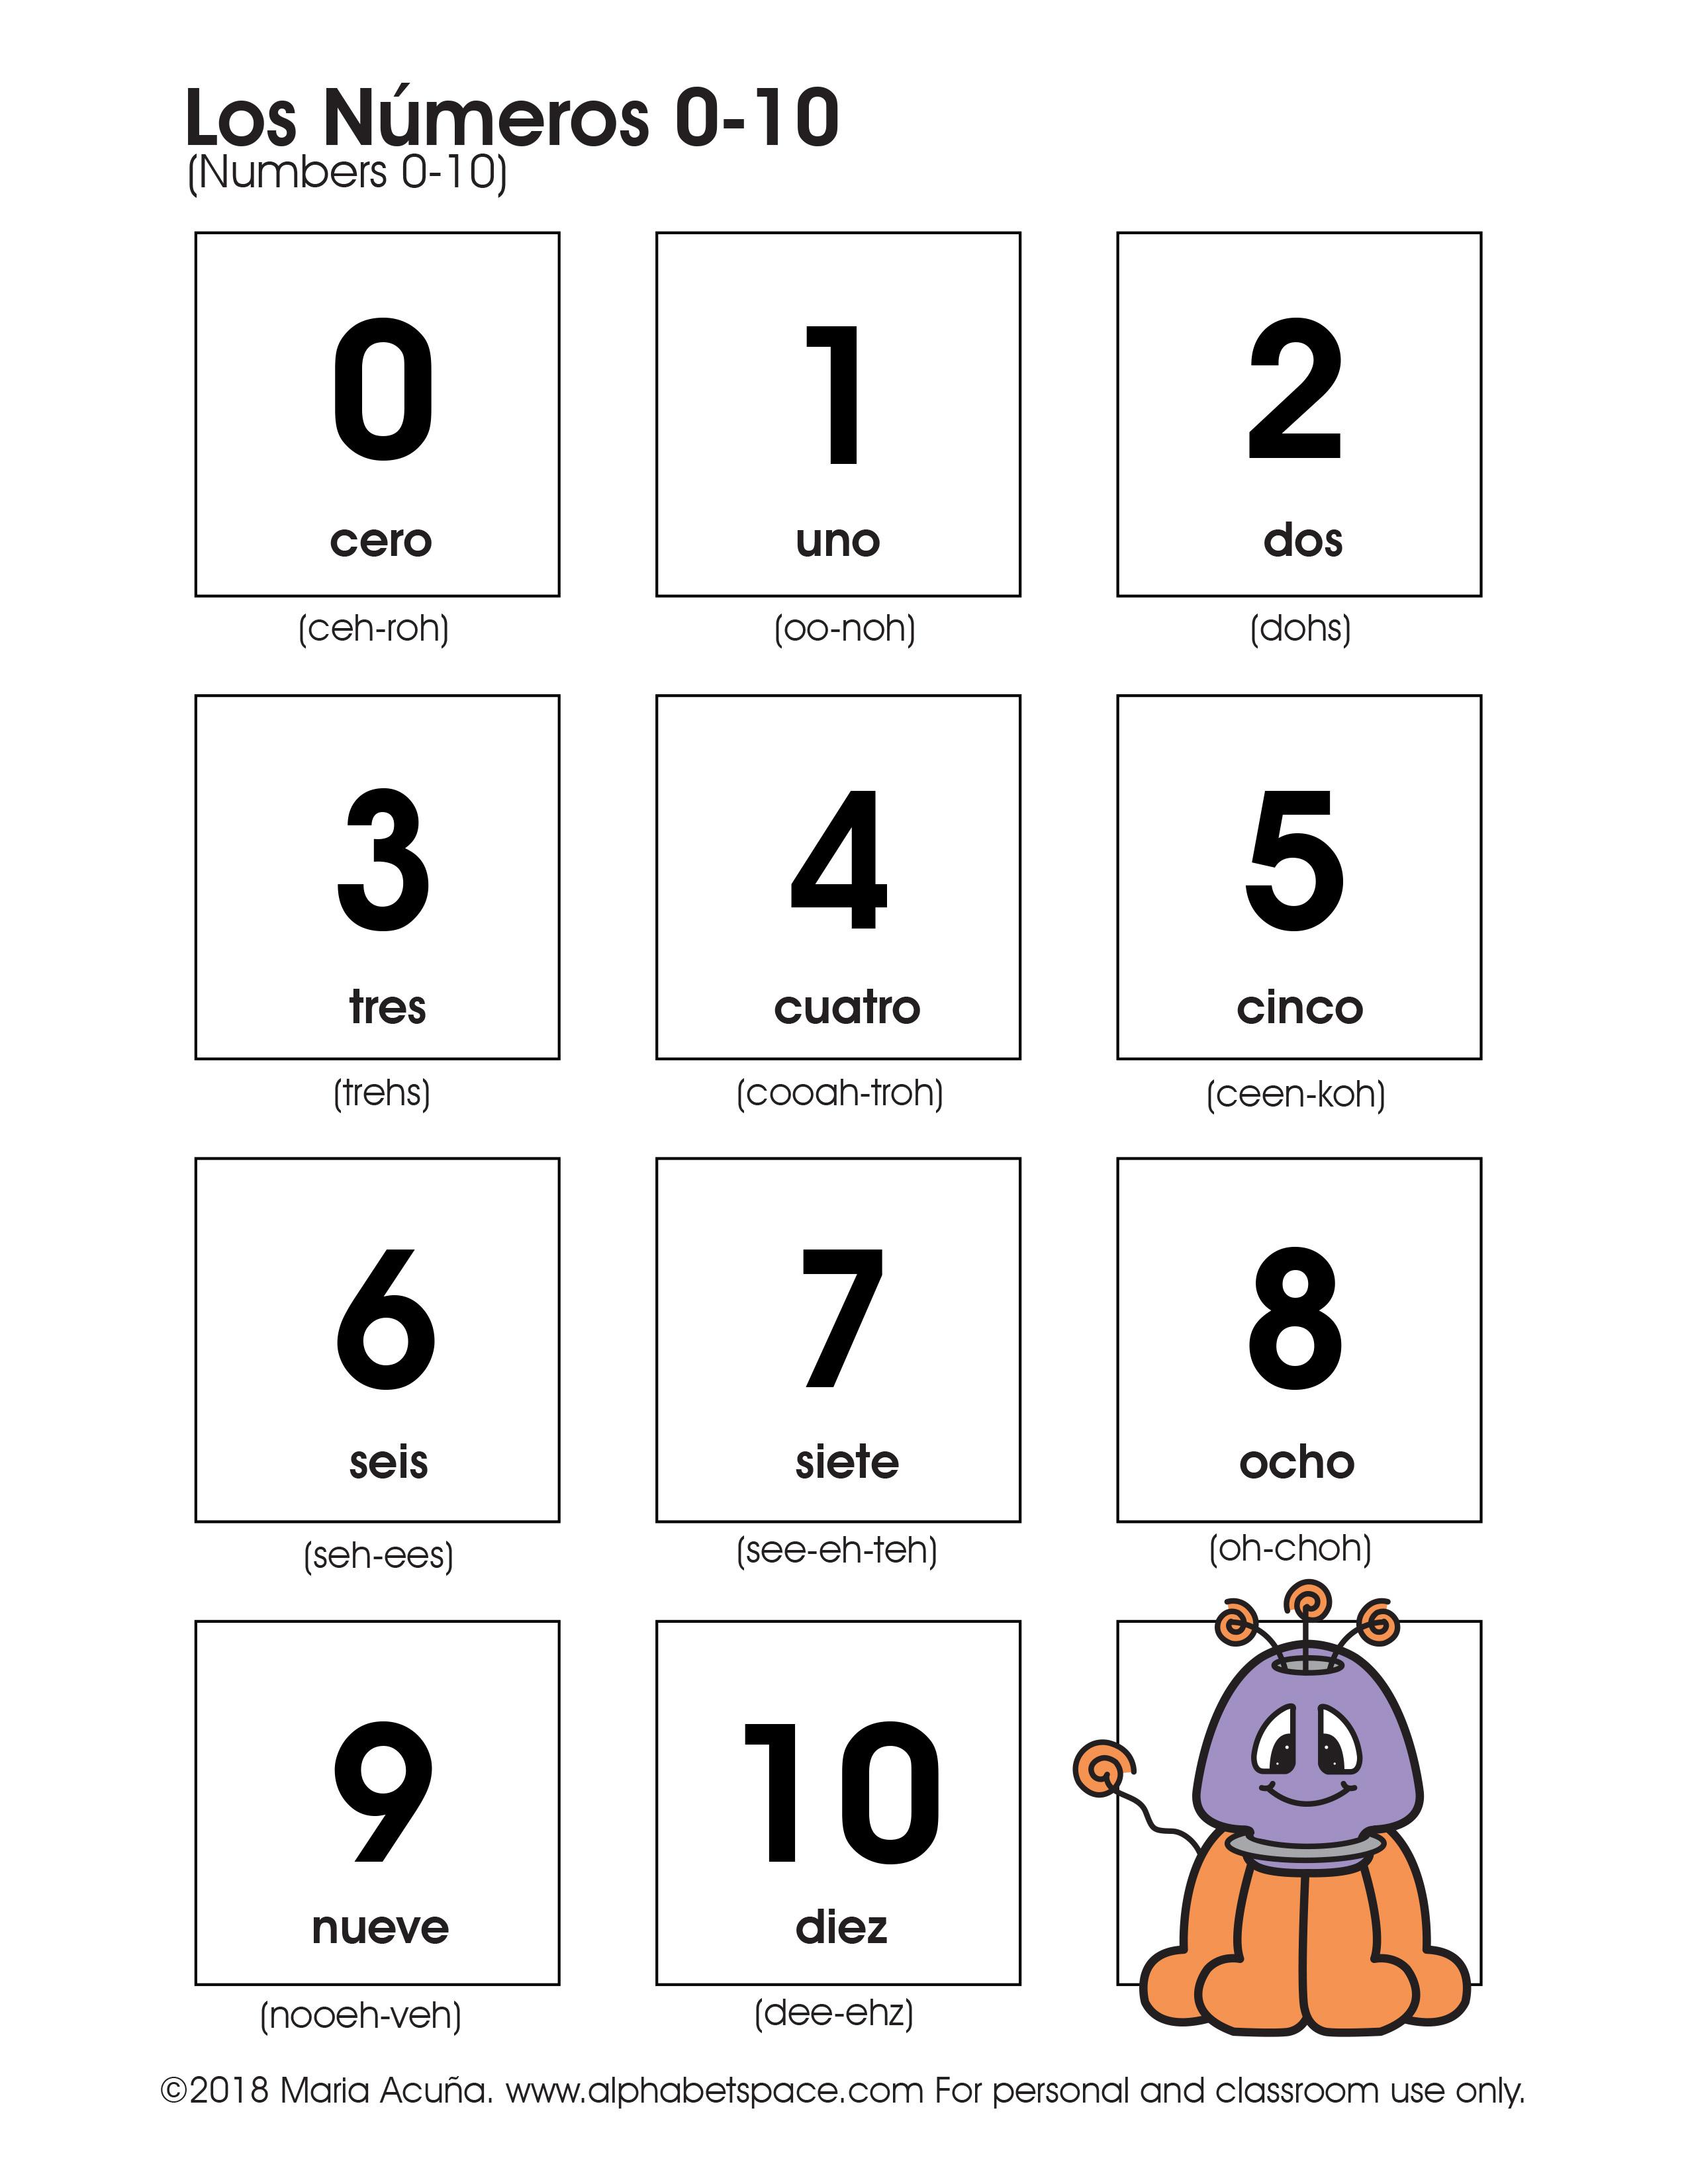 Los números 0-10. Maria Acuna 2018 www.alphabetspace.com V2.jpg